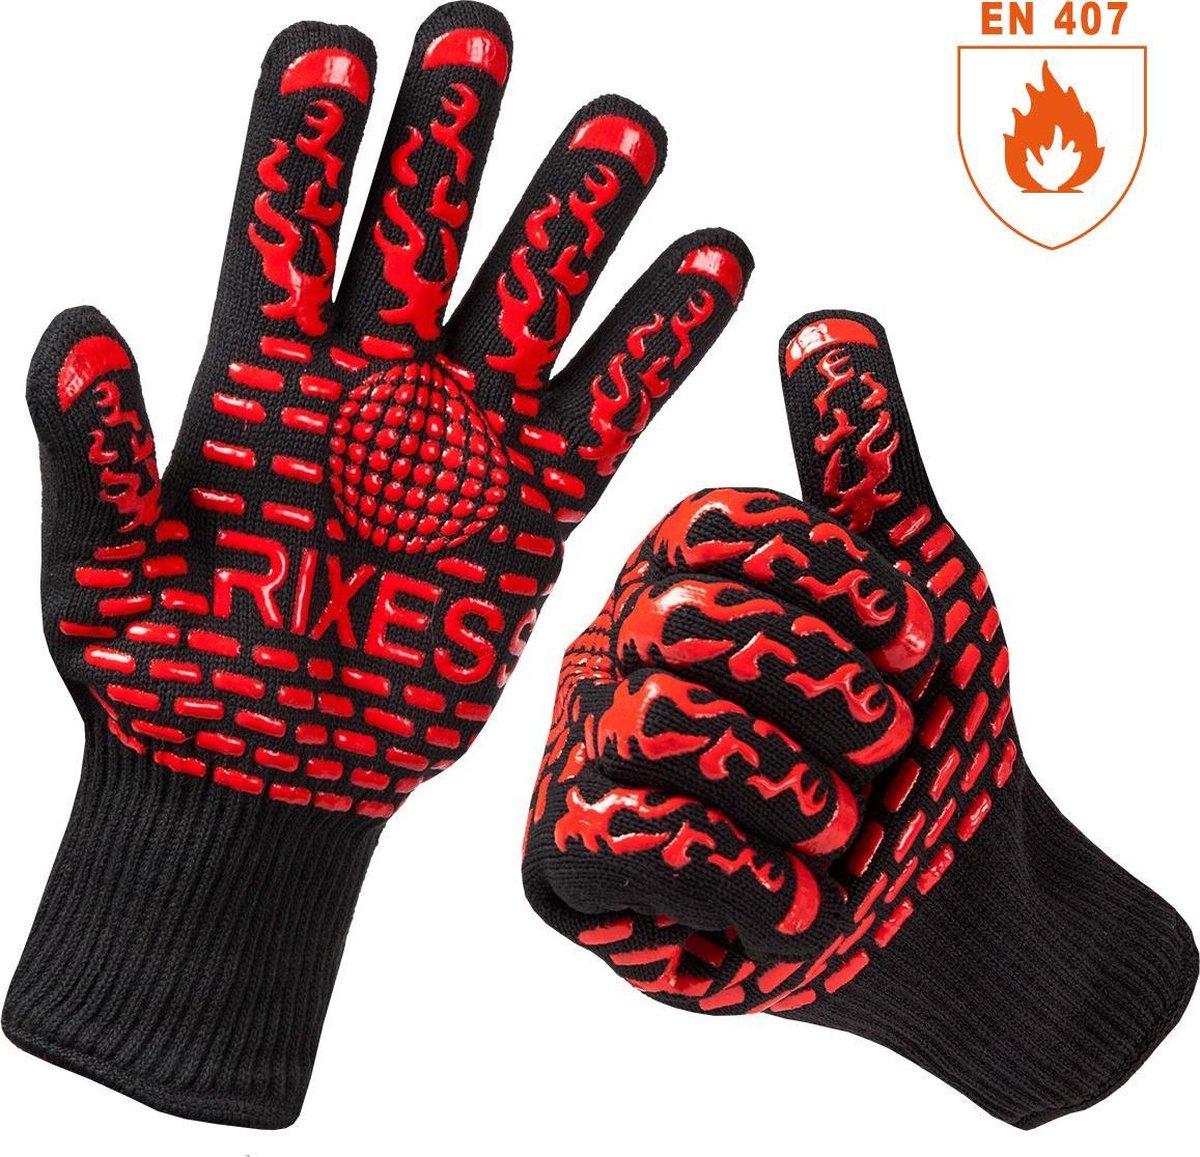 2x Premium RIXESS Hittebestendige BBQ & Oven handschoen - EN 407 CERTIFICAAT - Extra groot voor bete